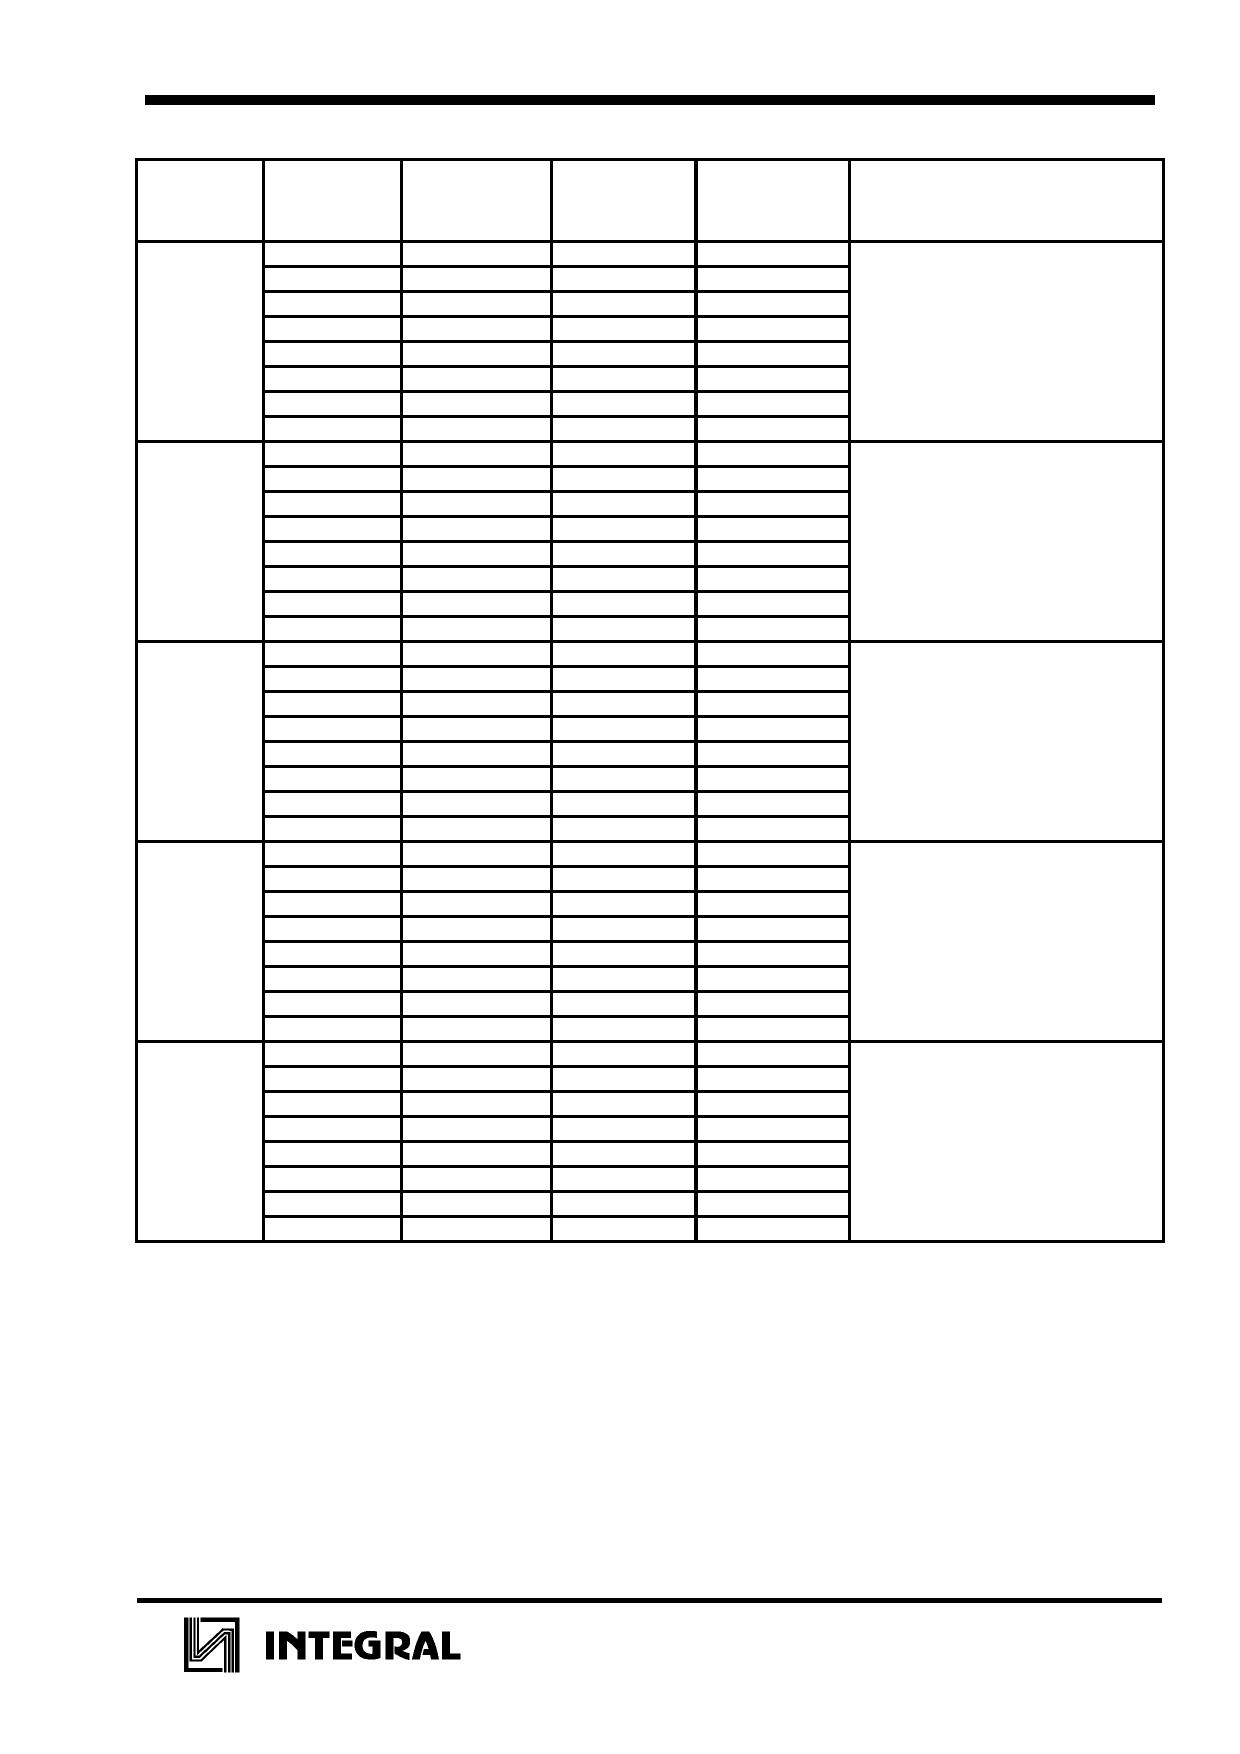 IZ7012 pdf, datenblatt